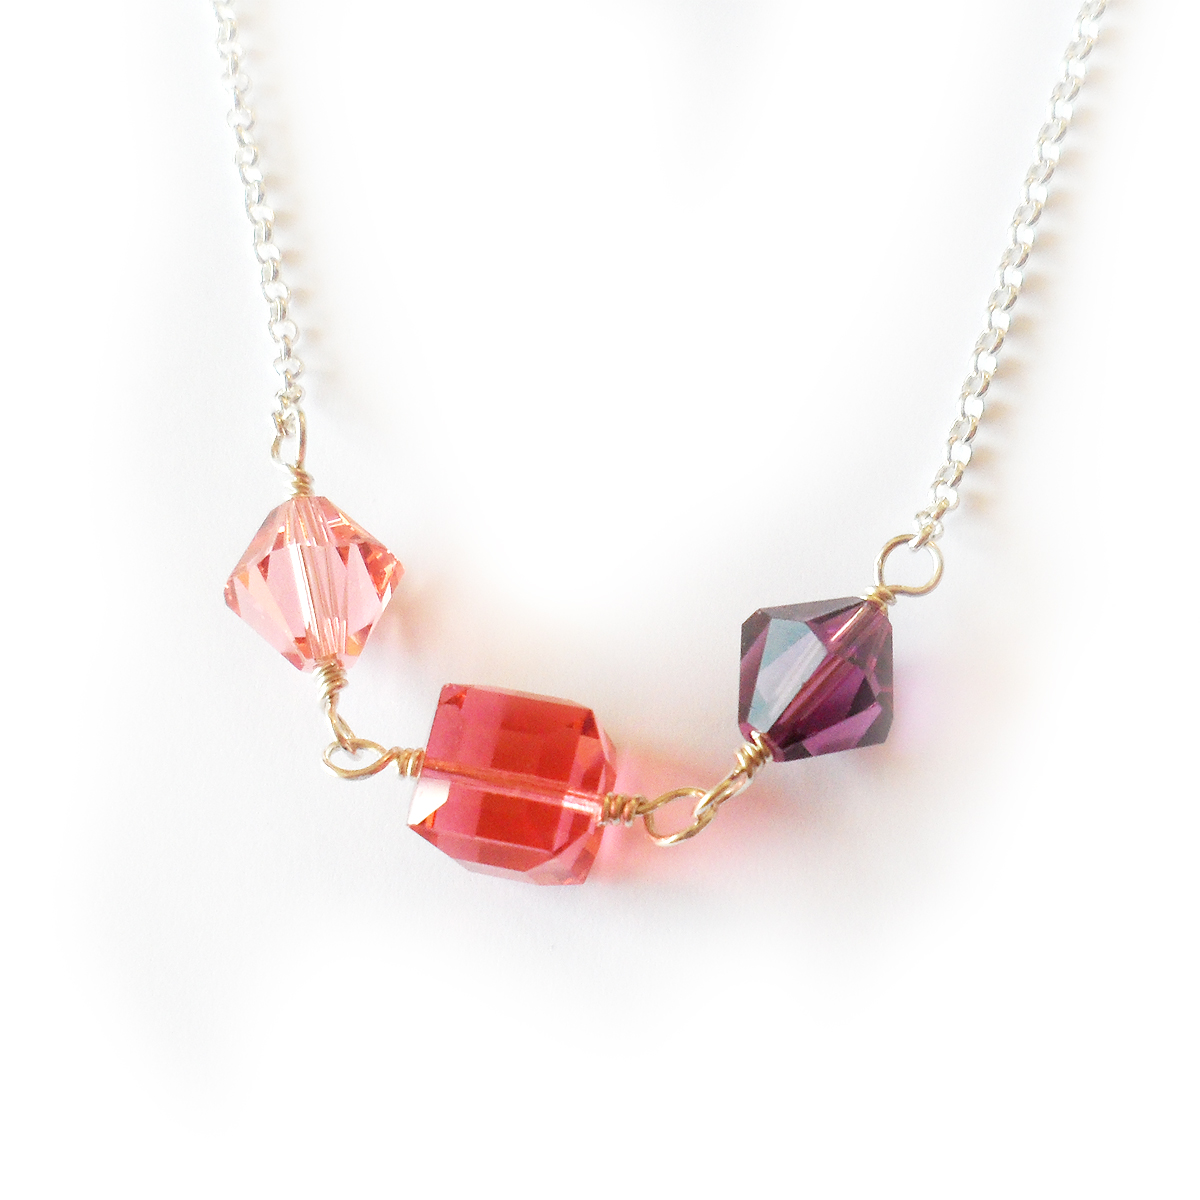 collar-adriana-en-plata-de-ley-y-cuentas-de-swarovski-rosa-y-lila-3